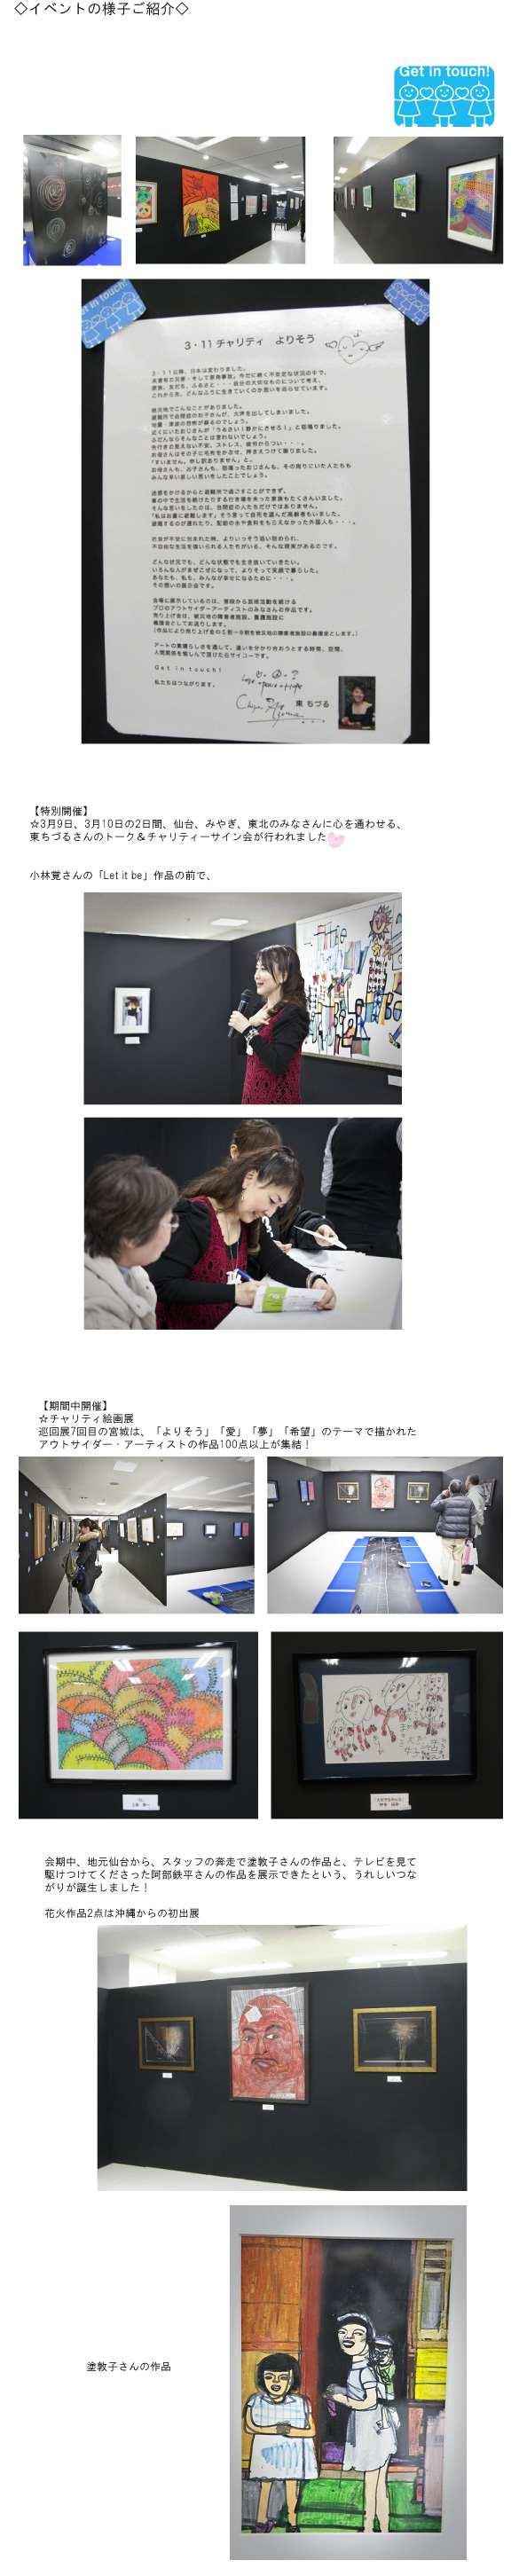 東ちづるさんの3.11チャリティ絵画展@仙台藤崎百貨店のみんなでラクガキにキットパスで参加しました(2012年3月9〜13日)